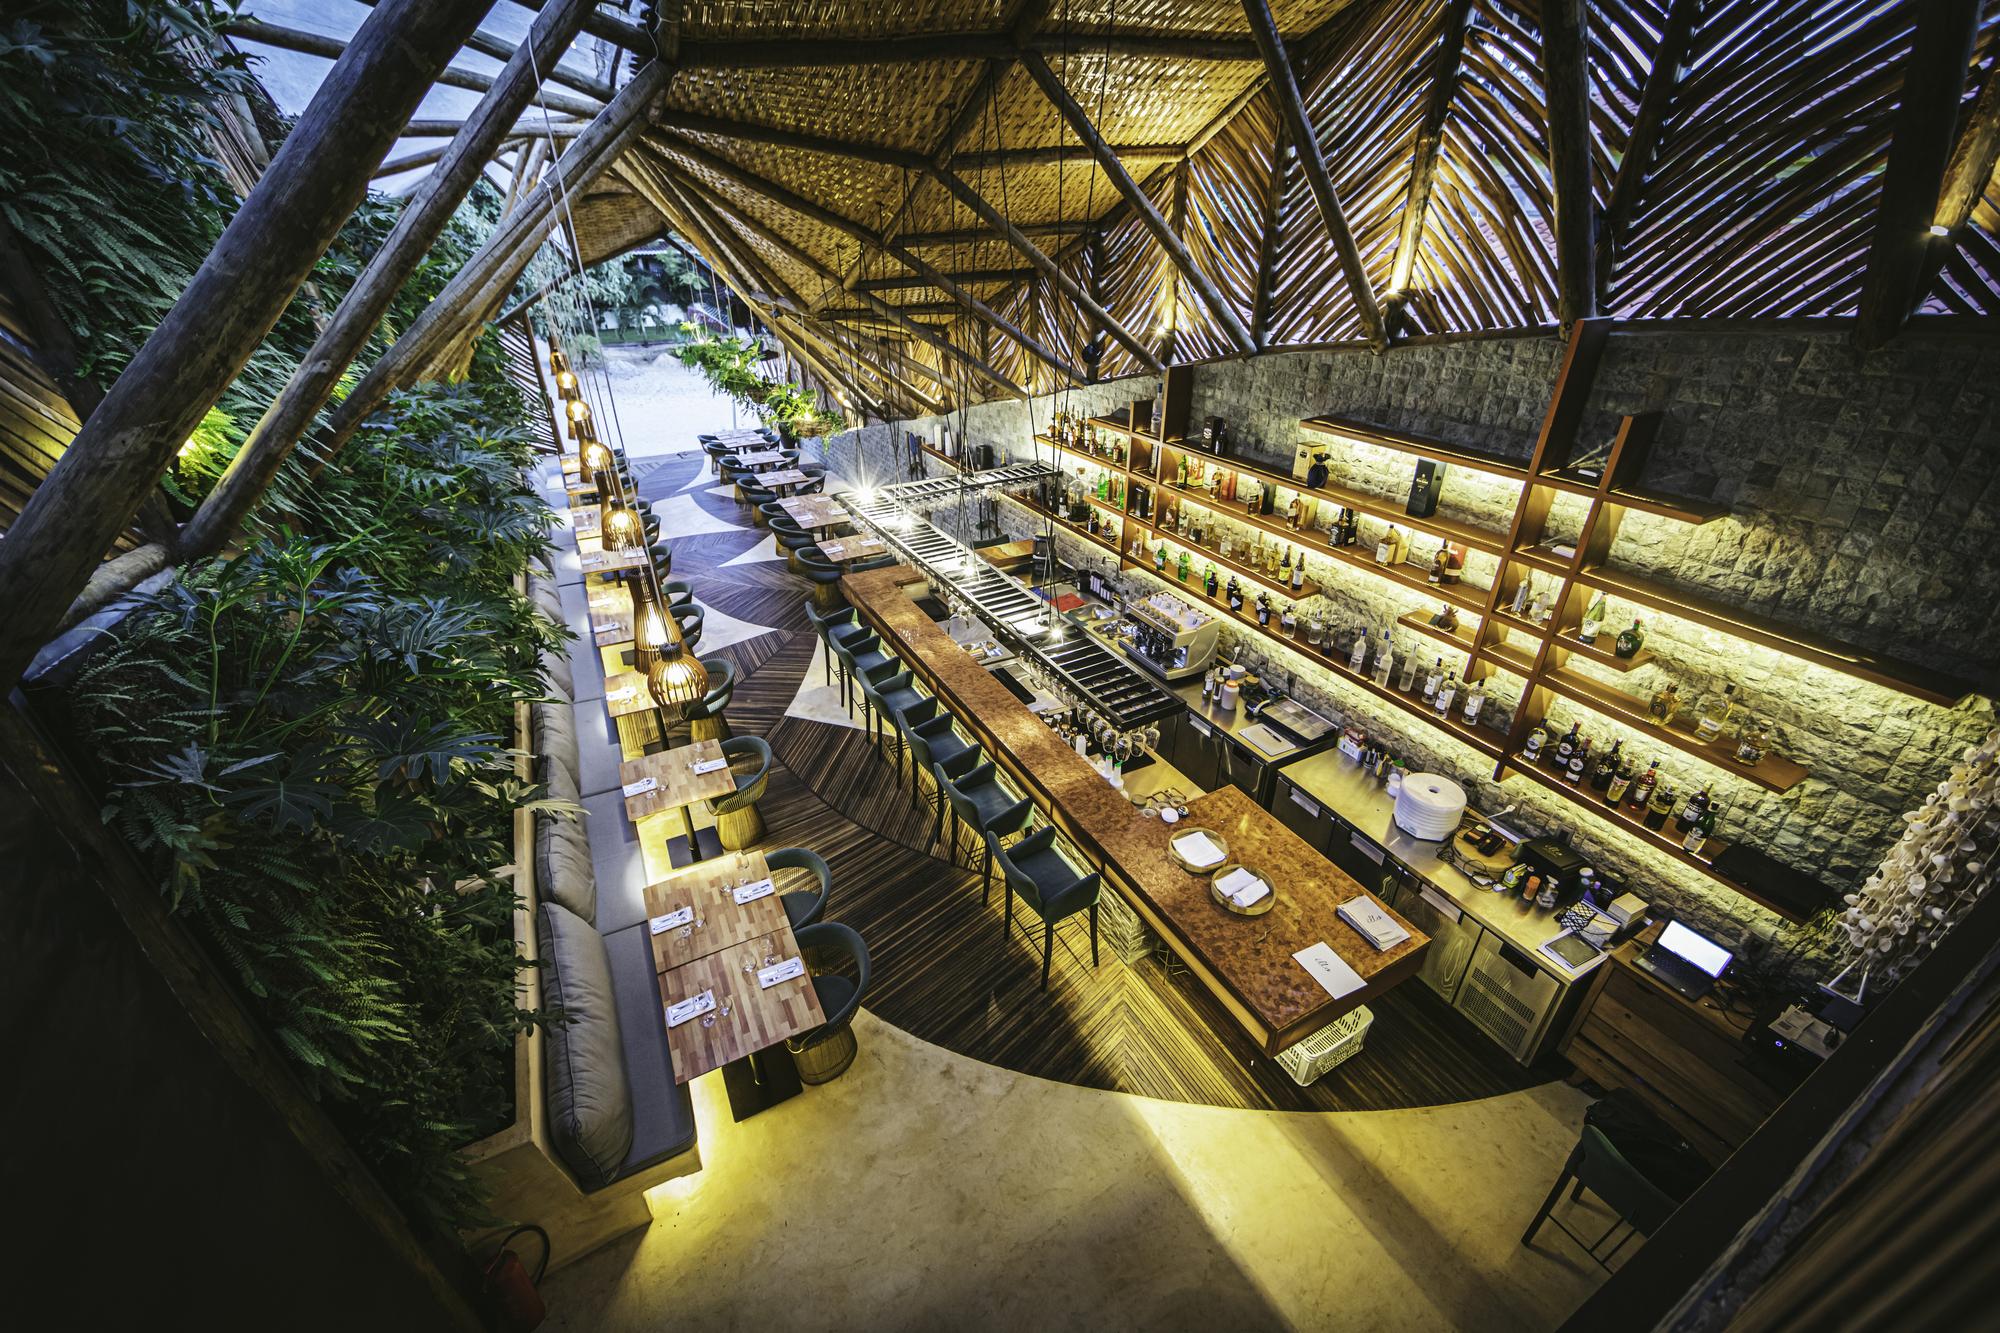 Gallery of Ello Restaurant / Mareines Arquitetura  - 3